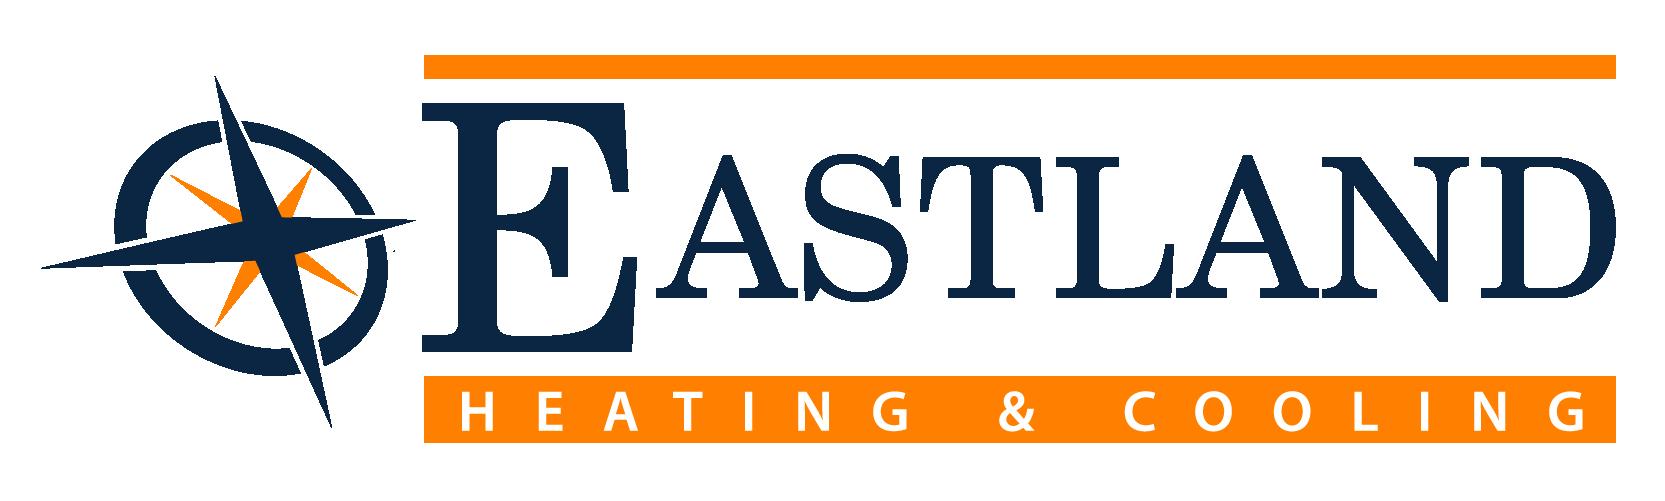 Eastland-Logo-1665x501